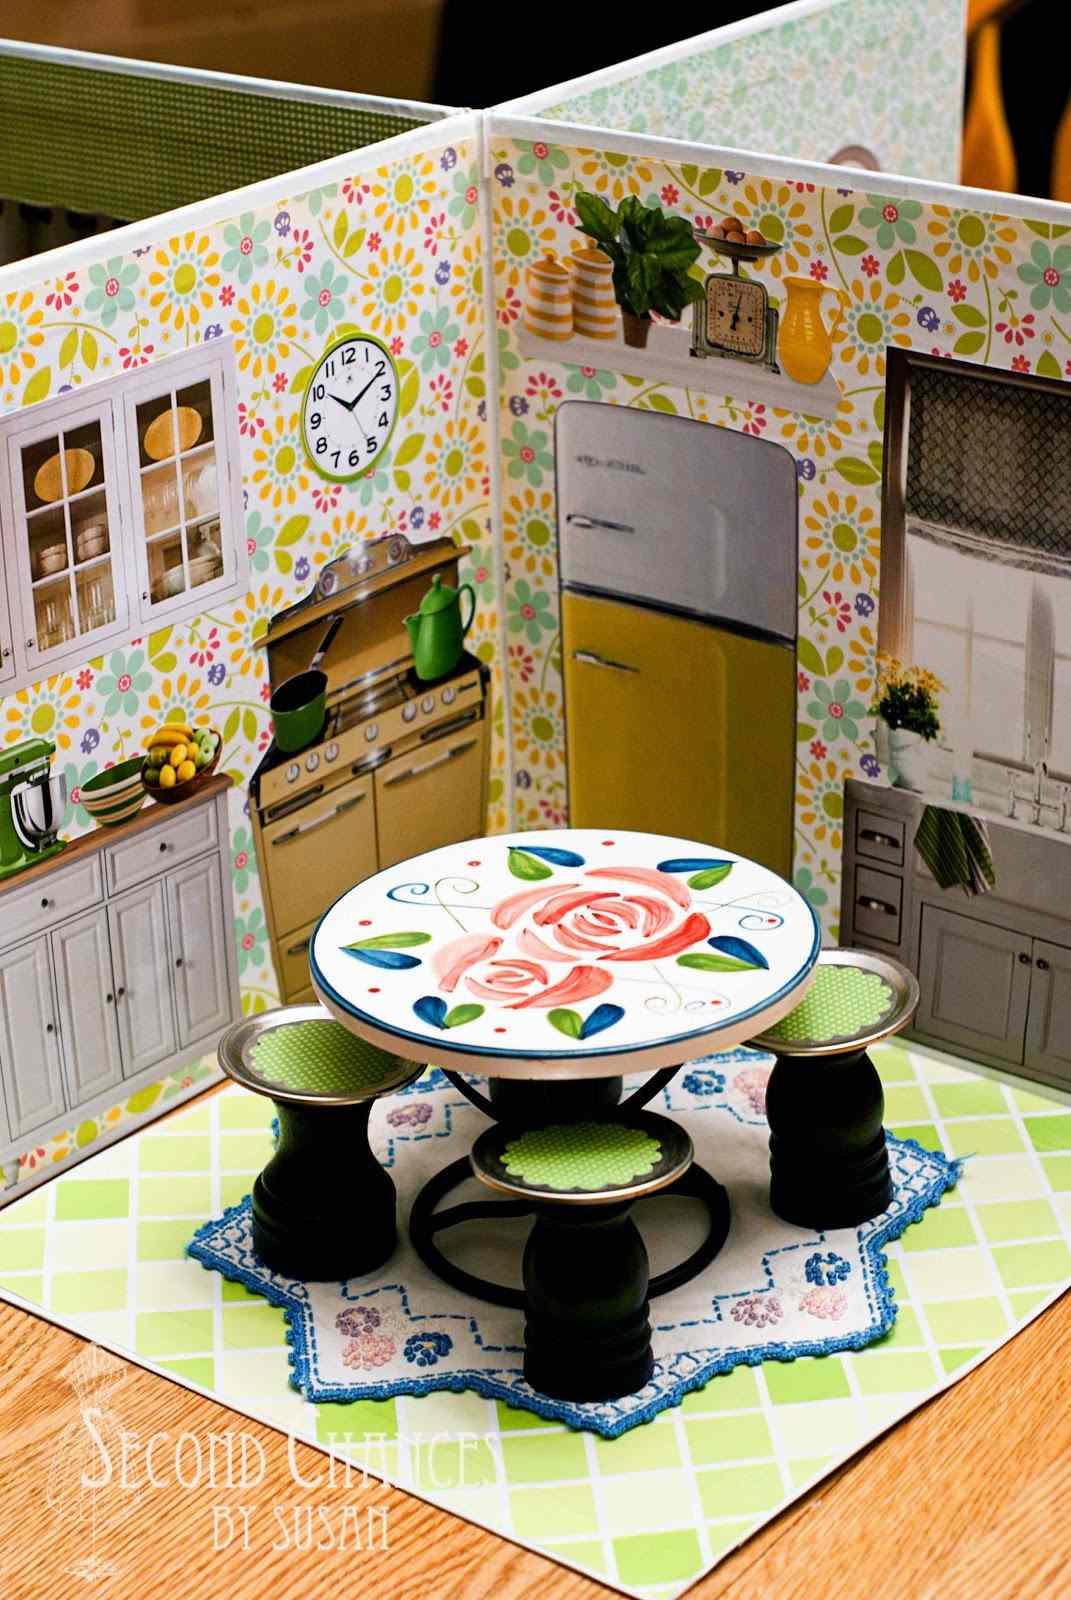 A dollhouse kitchen